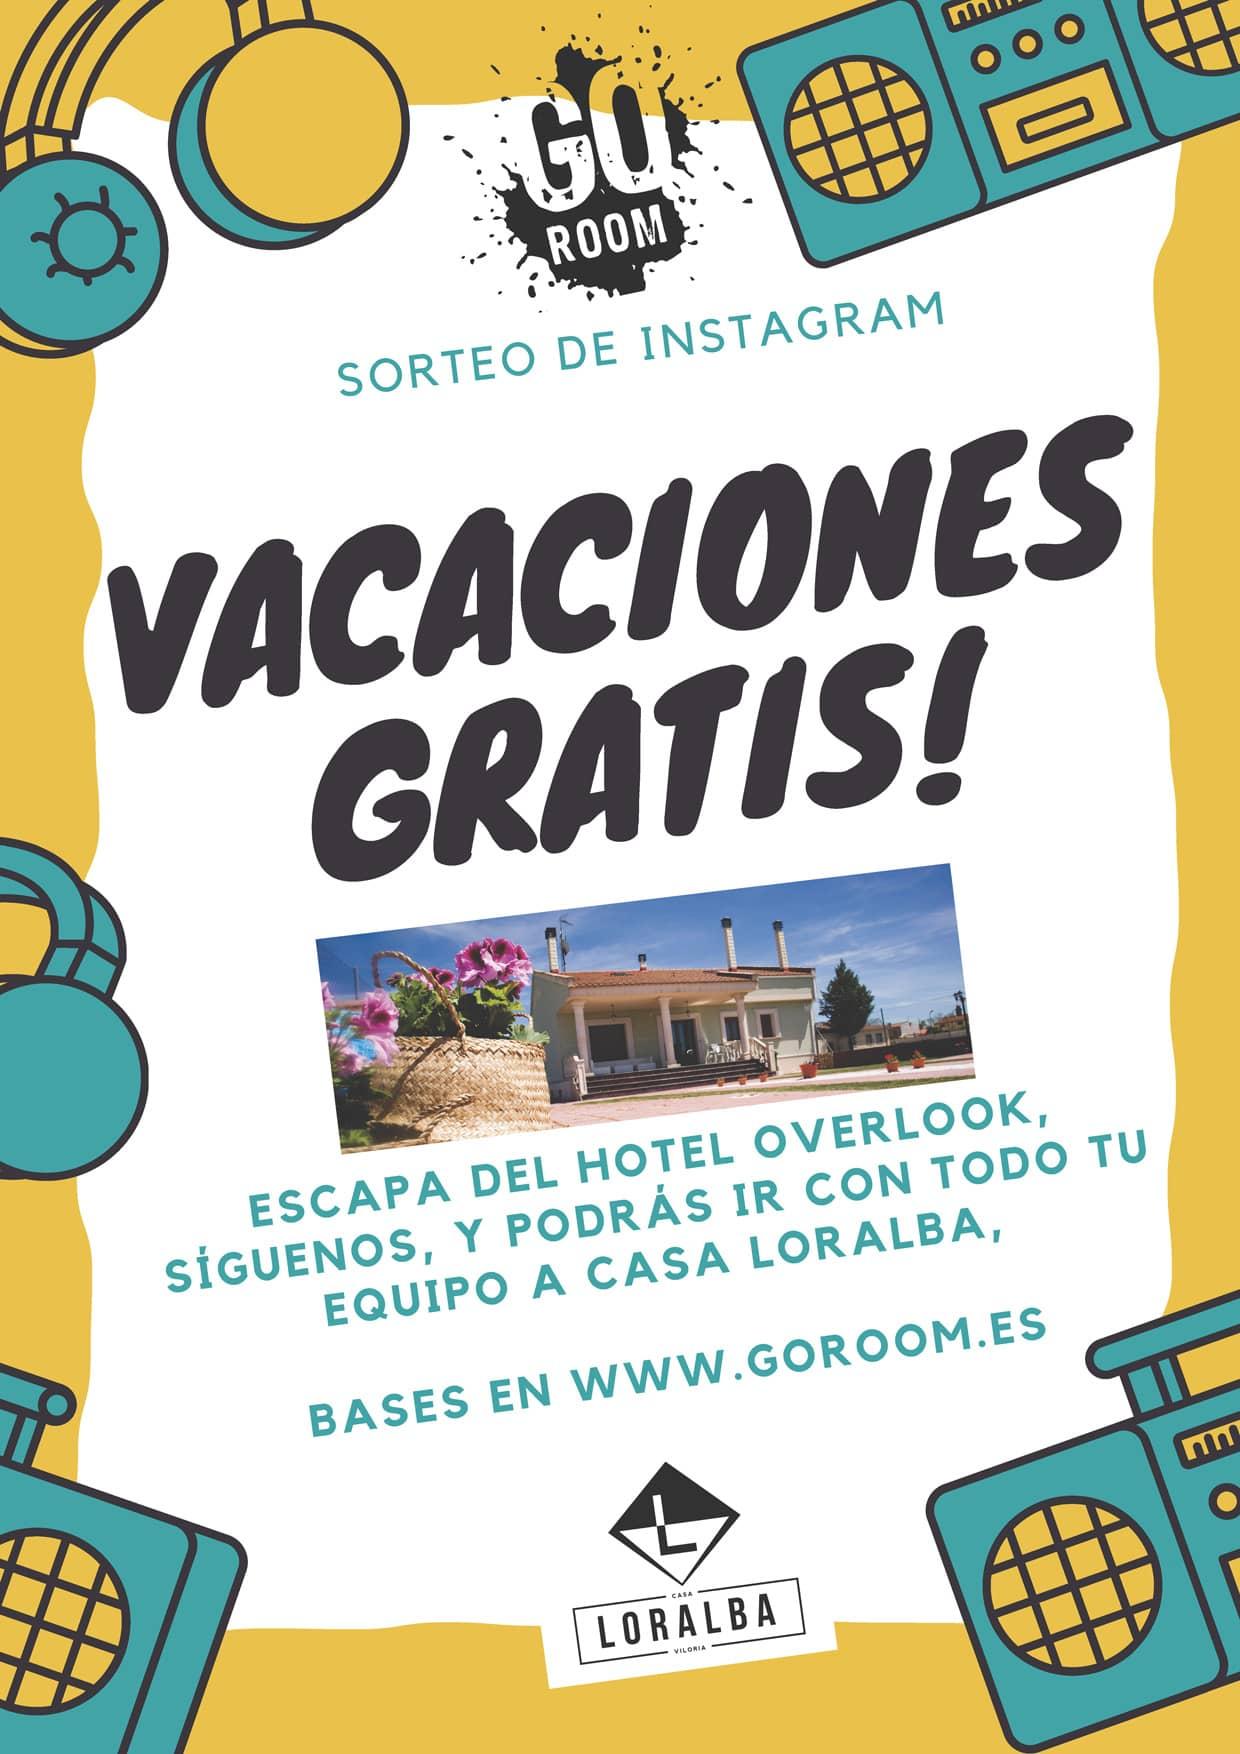 Vacaciones Gratis con GoRoom y Casa Loralba